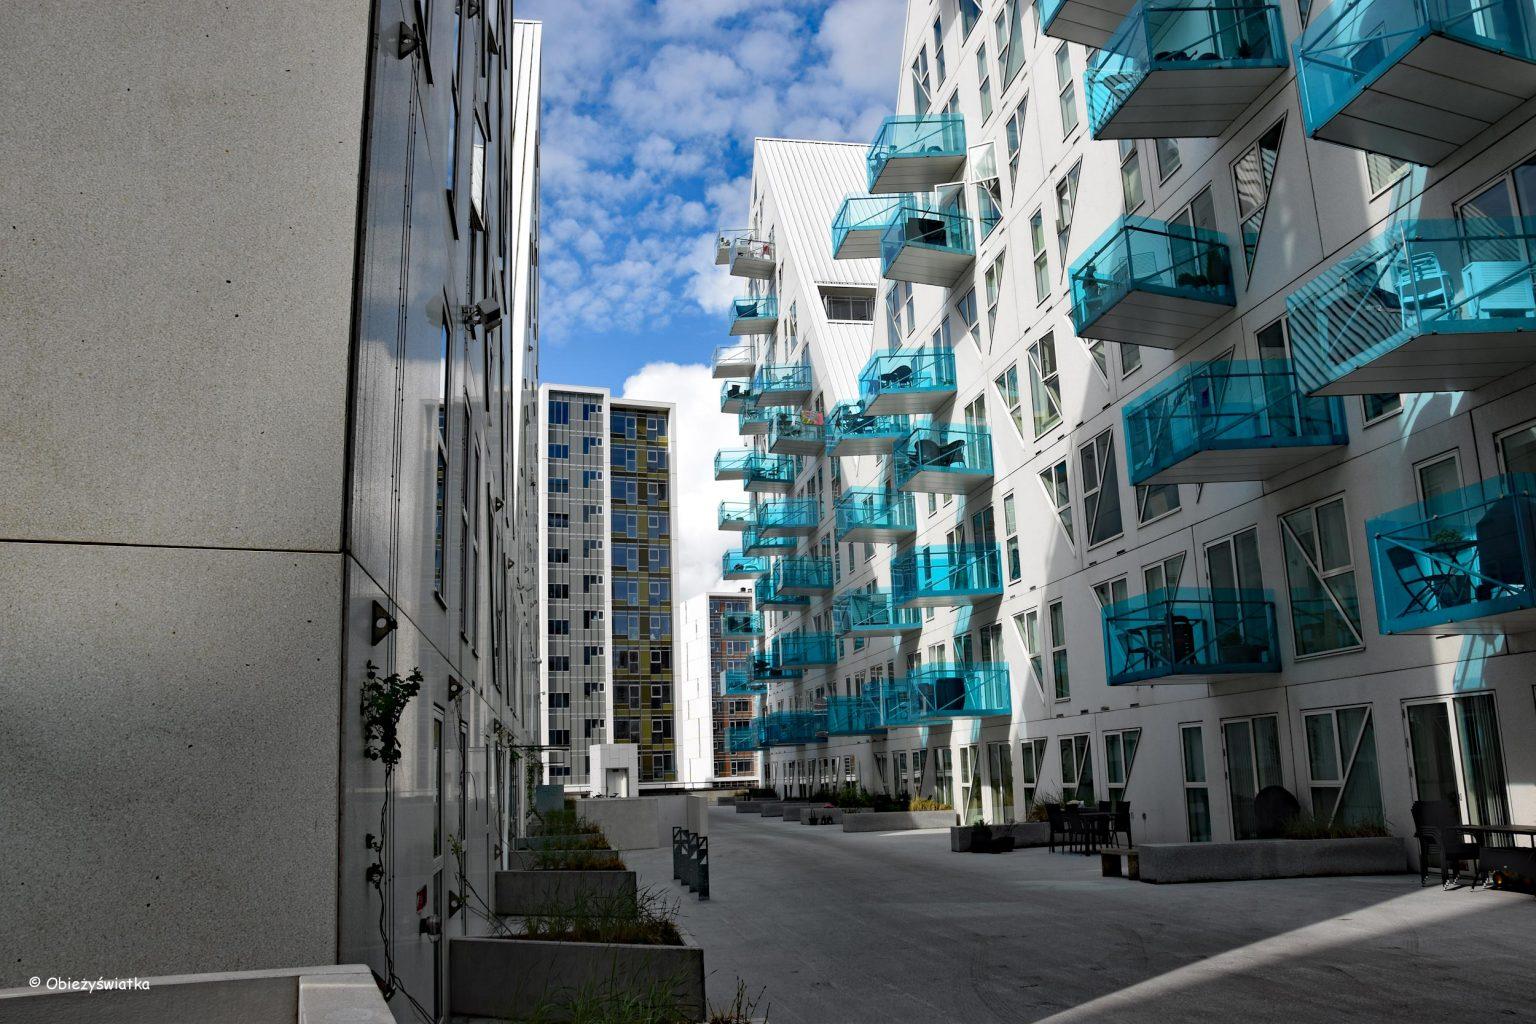 Isbjerget - uliczka między budynkami, Aarhus, Dania